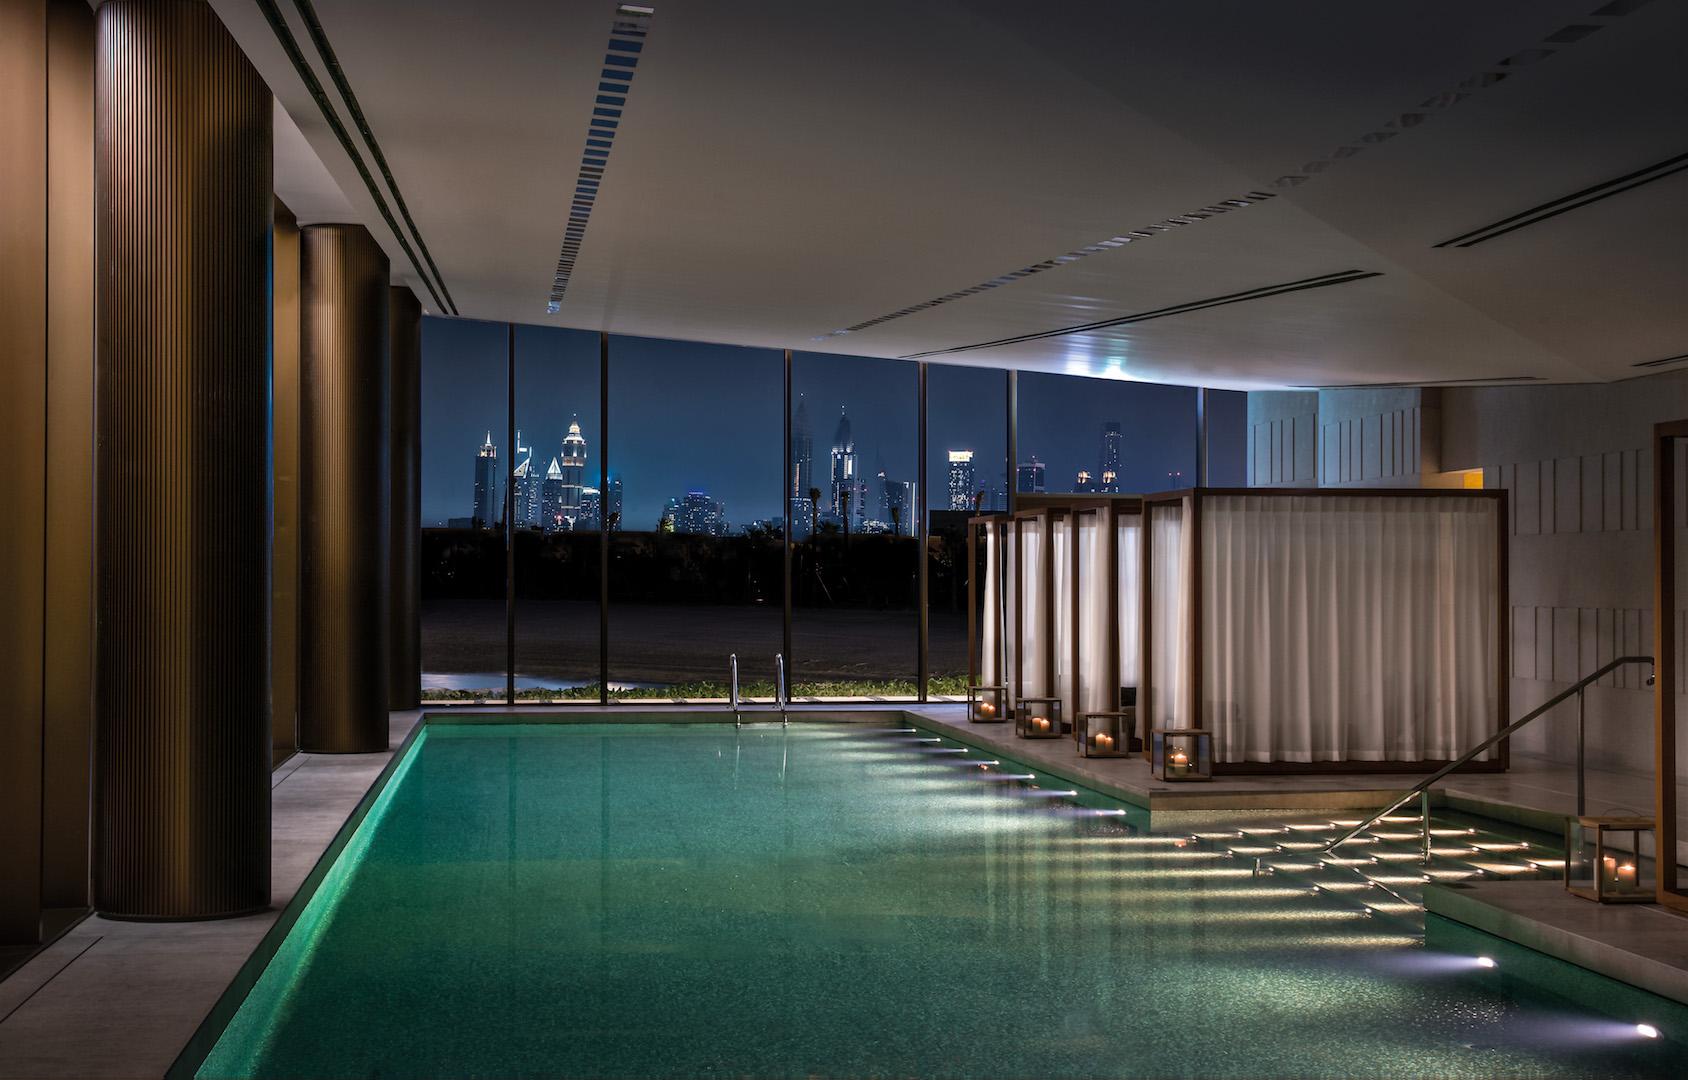 Bvlgari Resort Dubai-The Bvlgari Spa